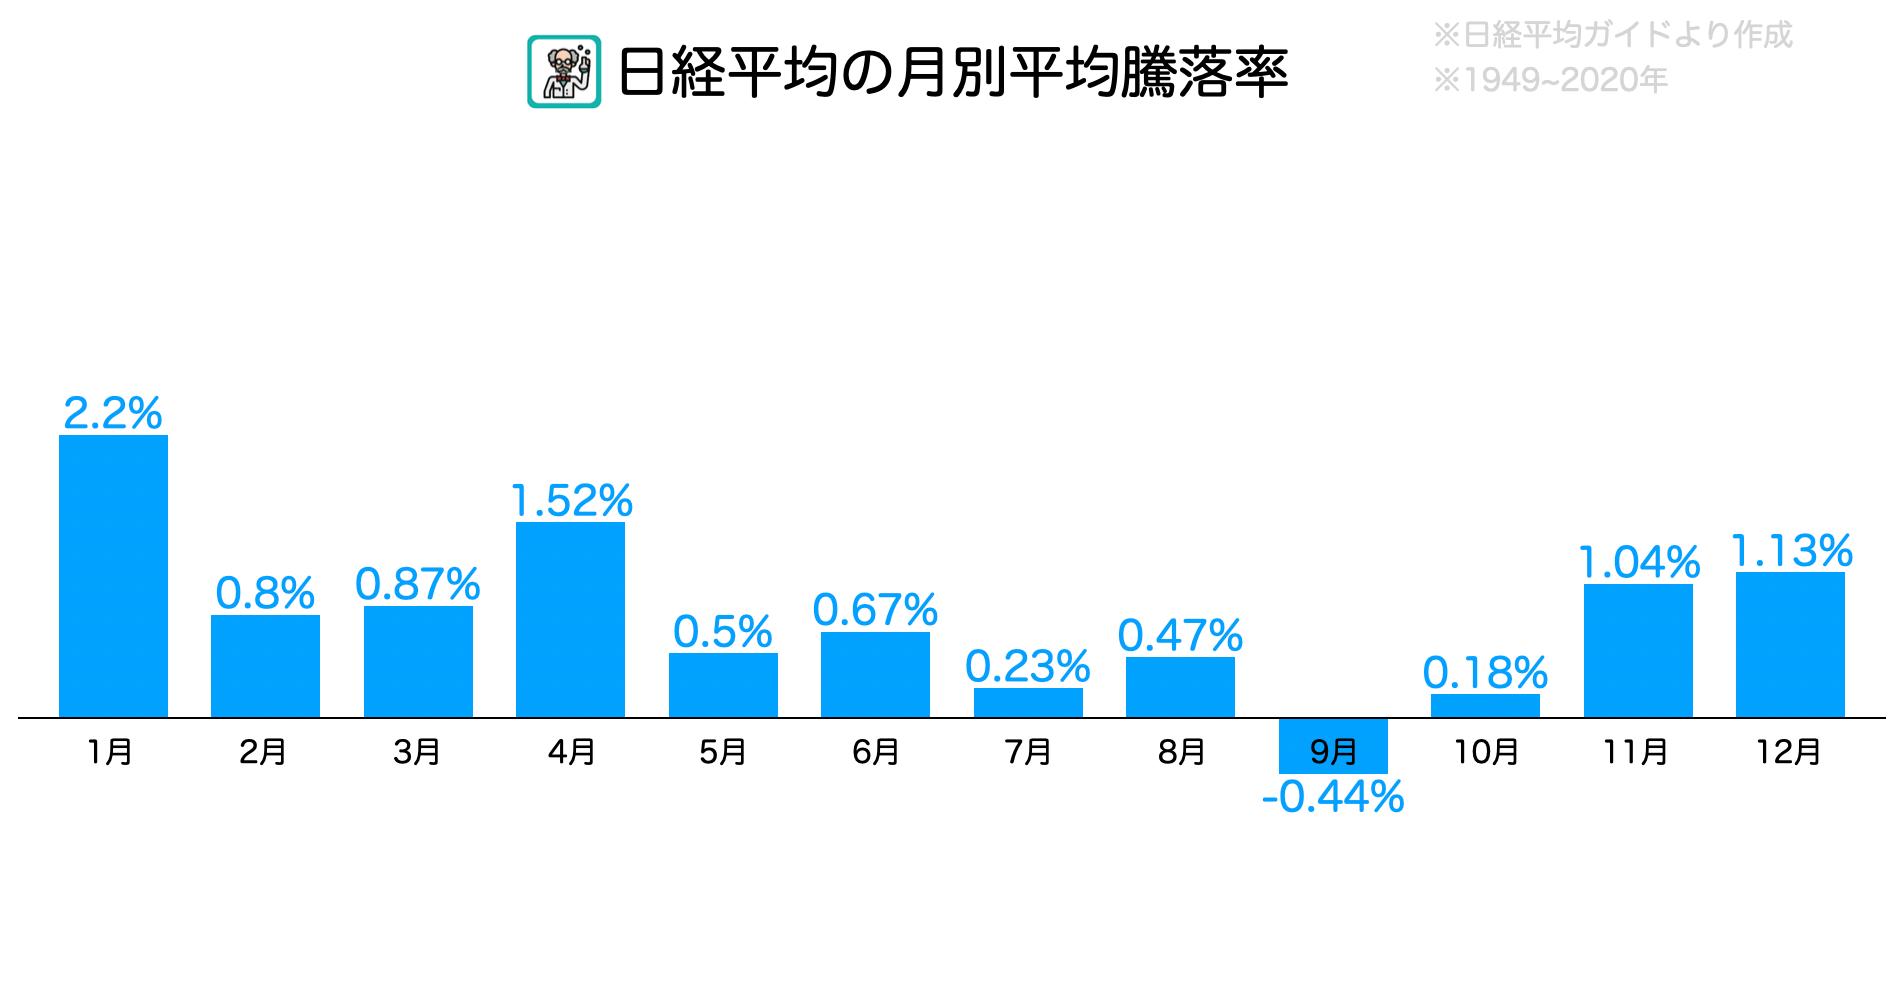 日経平均月別騰落率アノマリー